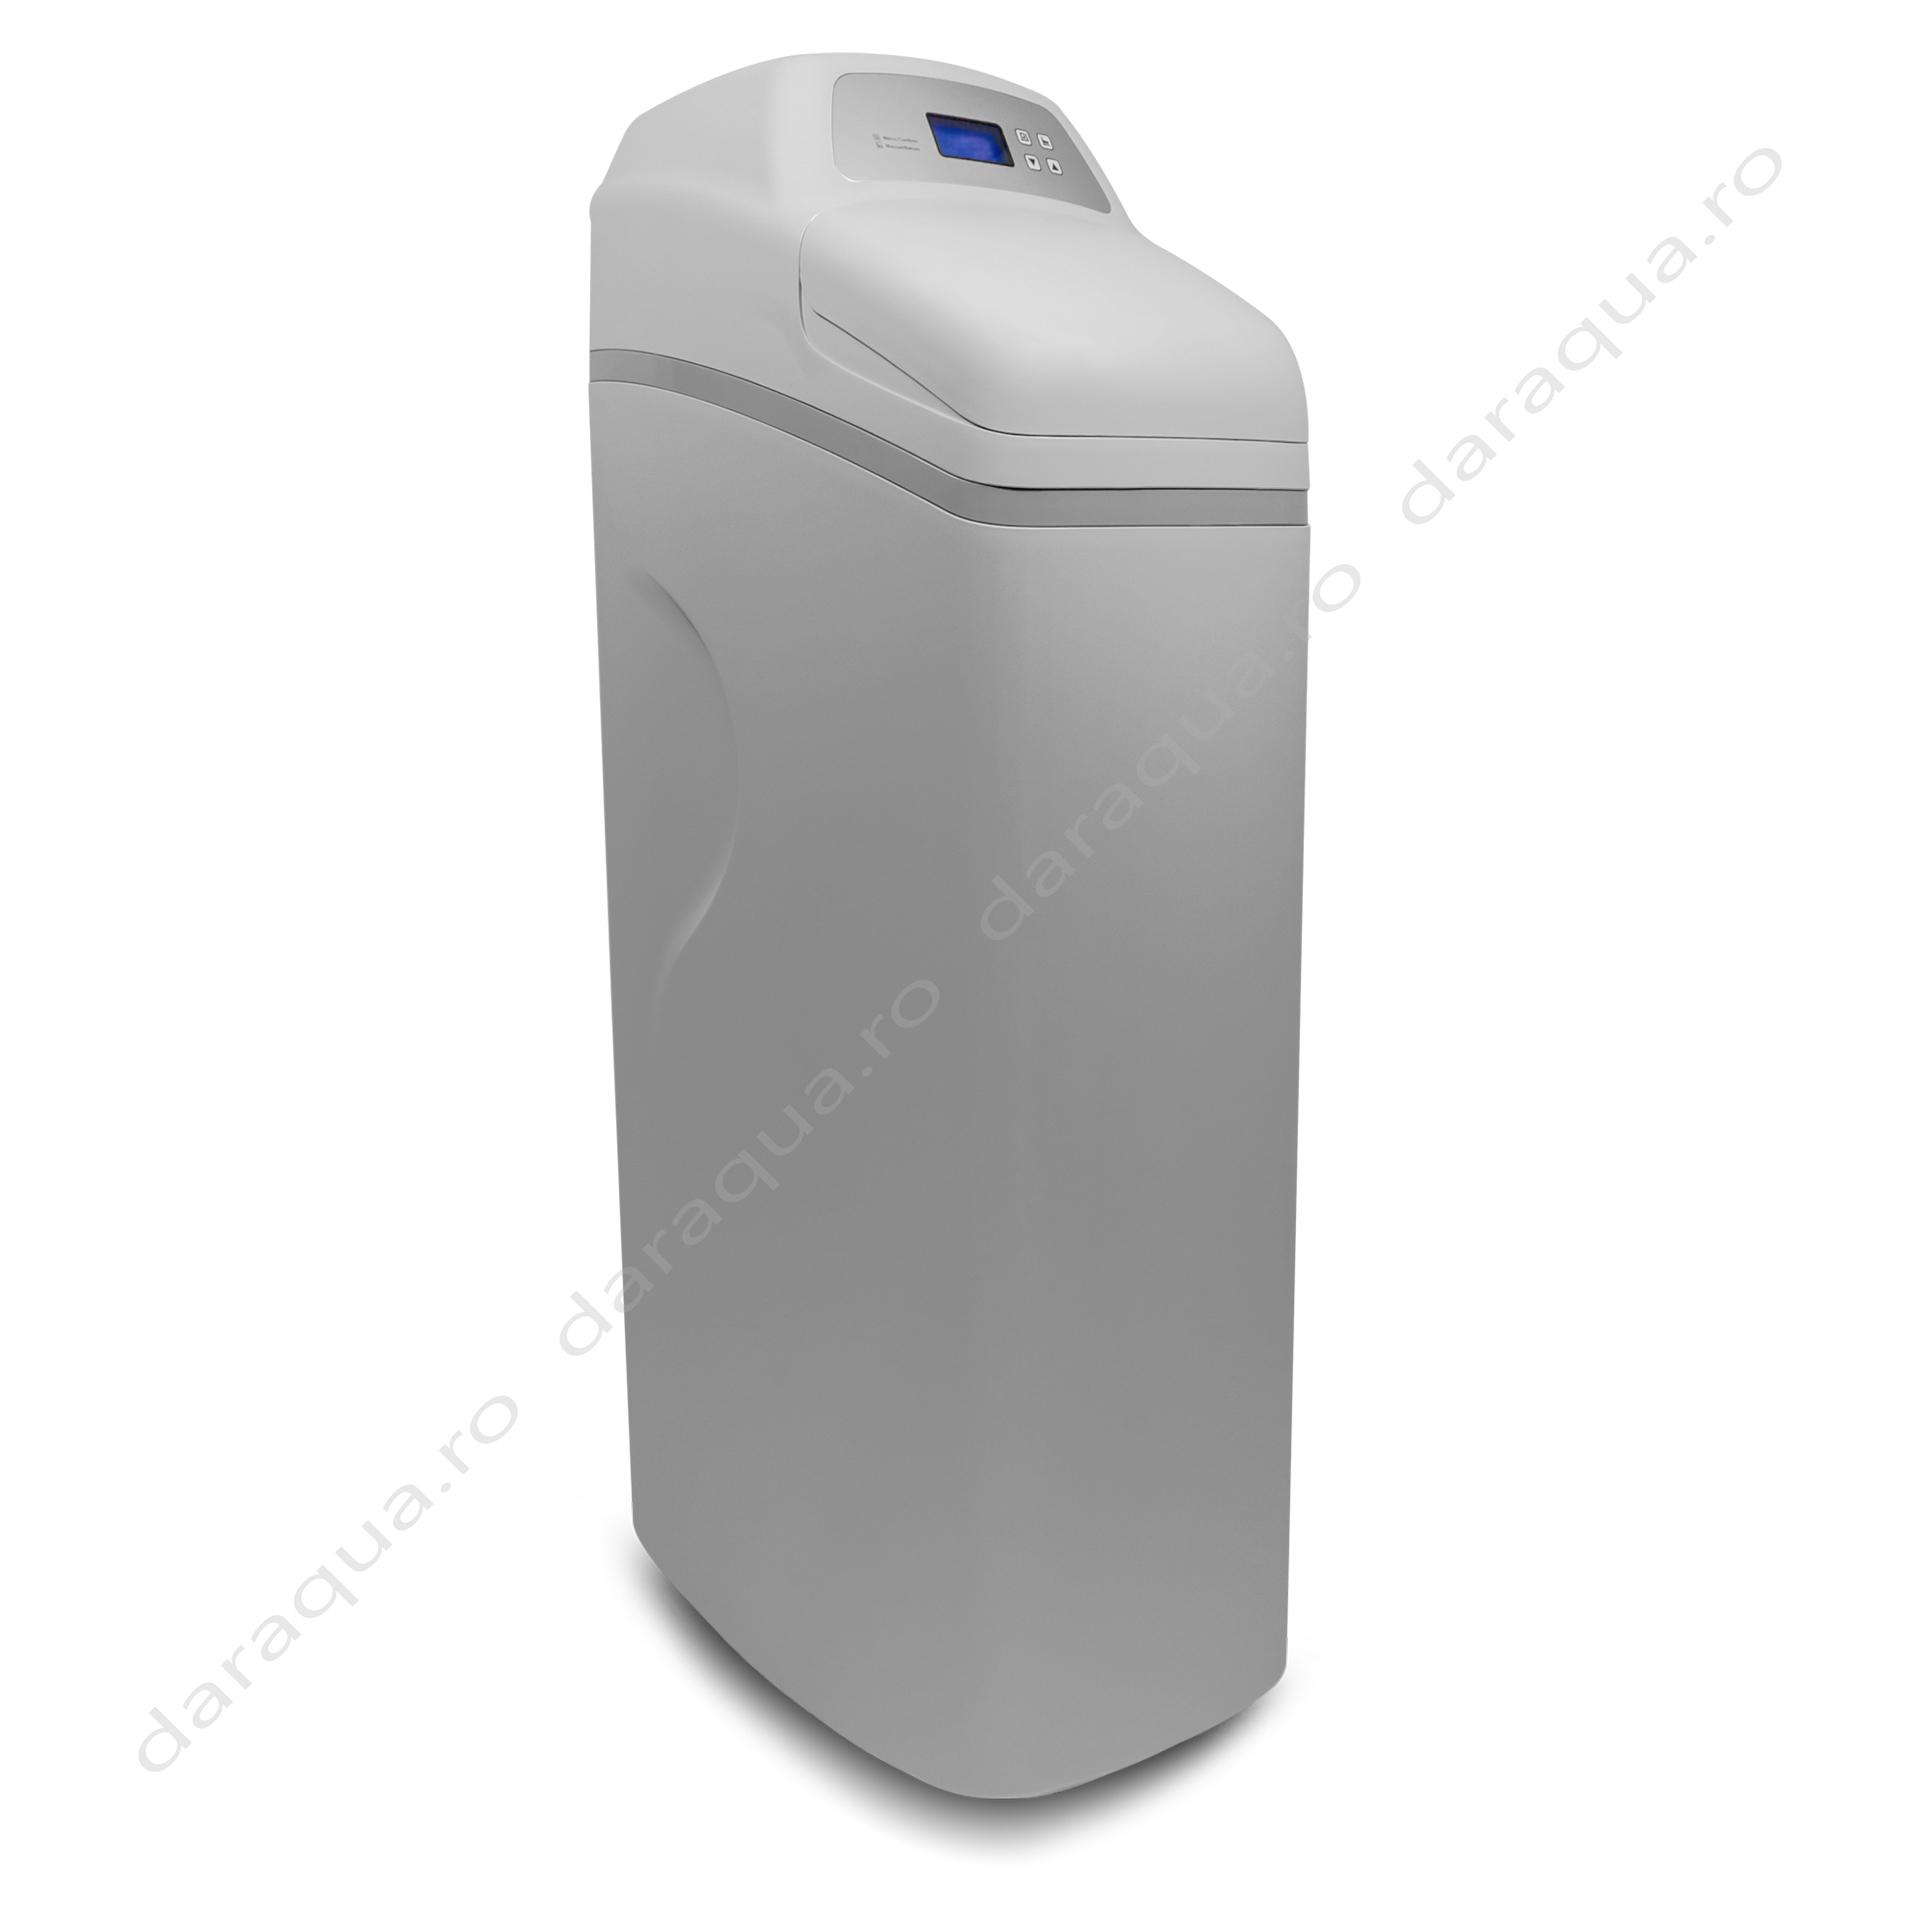 Dedurizator 30 litri pentru protejarea echipamentelor impotriva depunerilor de calcar.